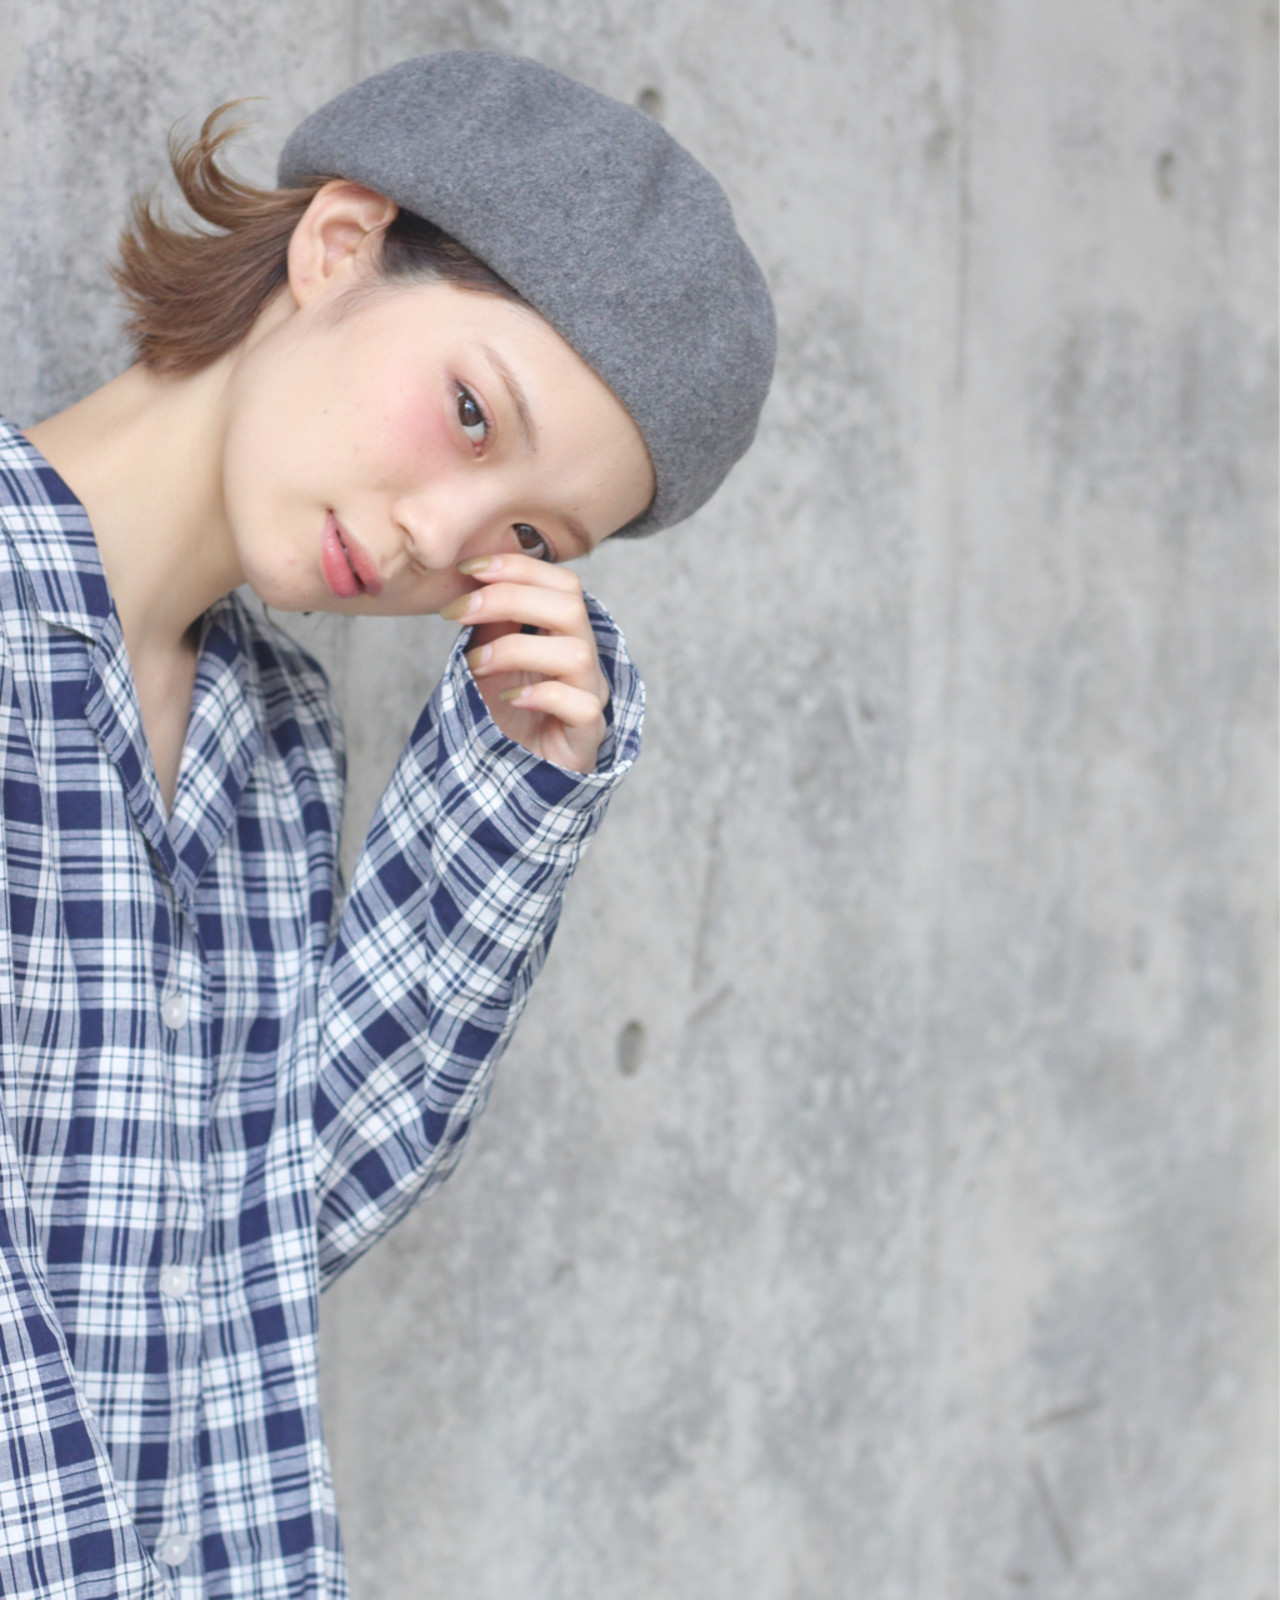 ベレー帽 外ハネ 秋 簡単ヘアアレンジ ヘアスタイルや髪型の写真・画像